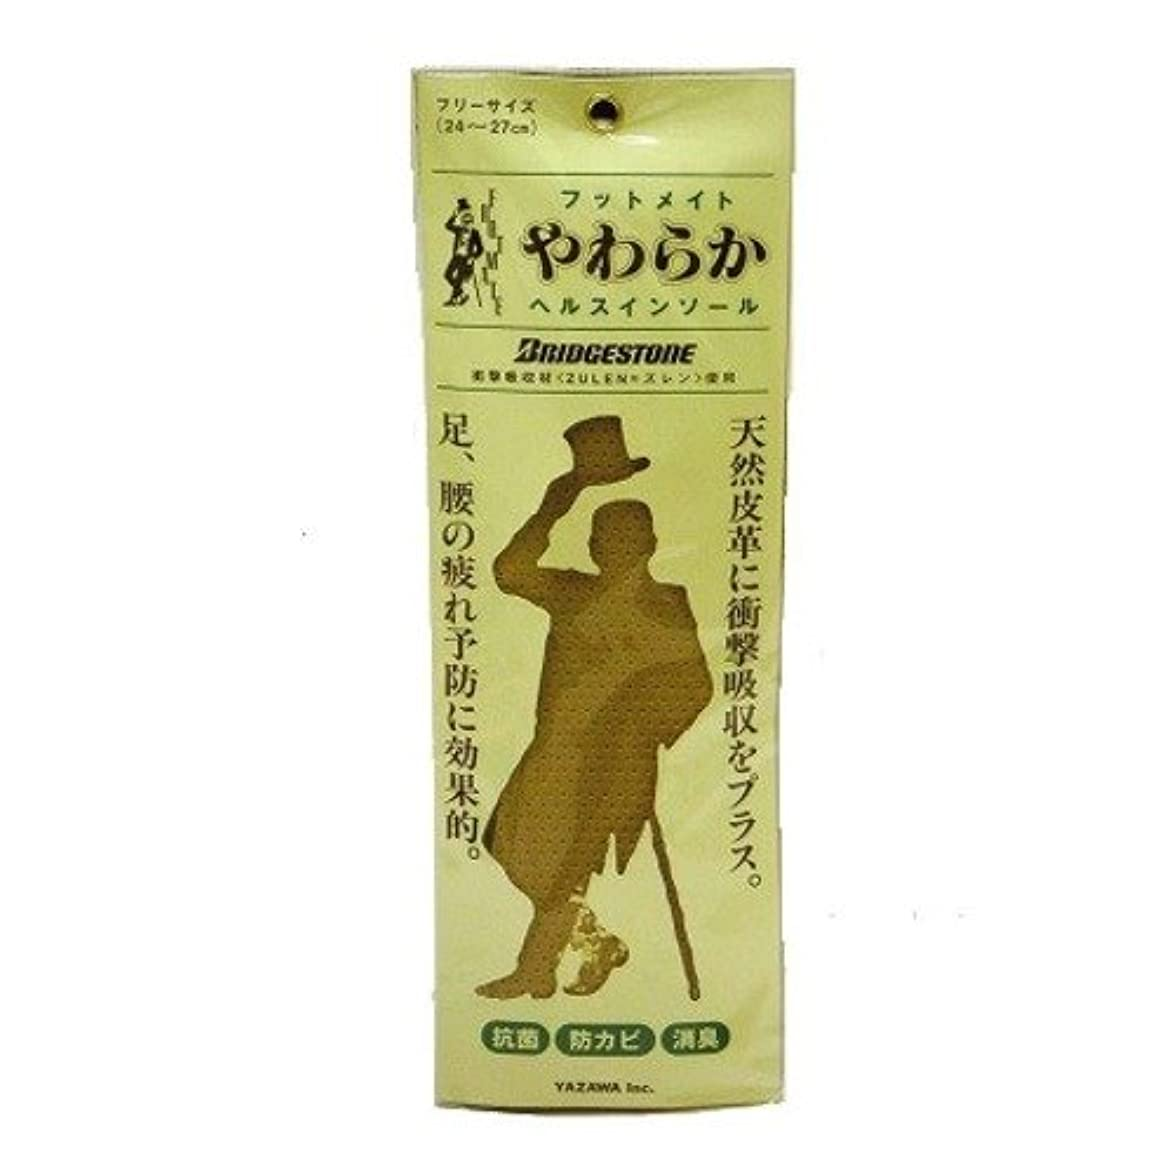 リットル百年つまずく矢澤 フットメイトやわらかヘルスインソール 24?27cm